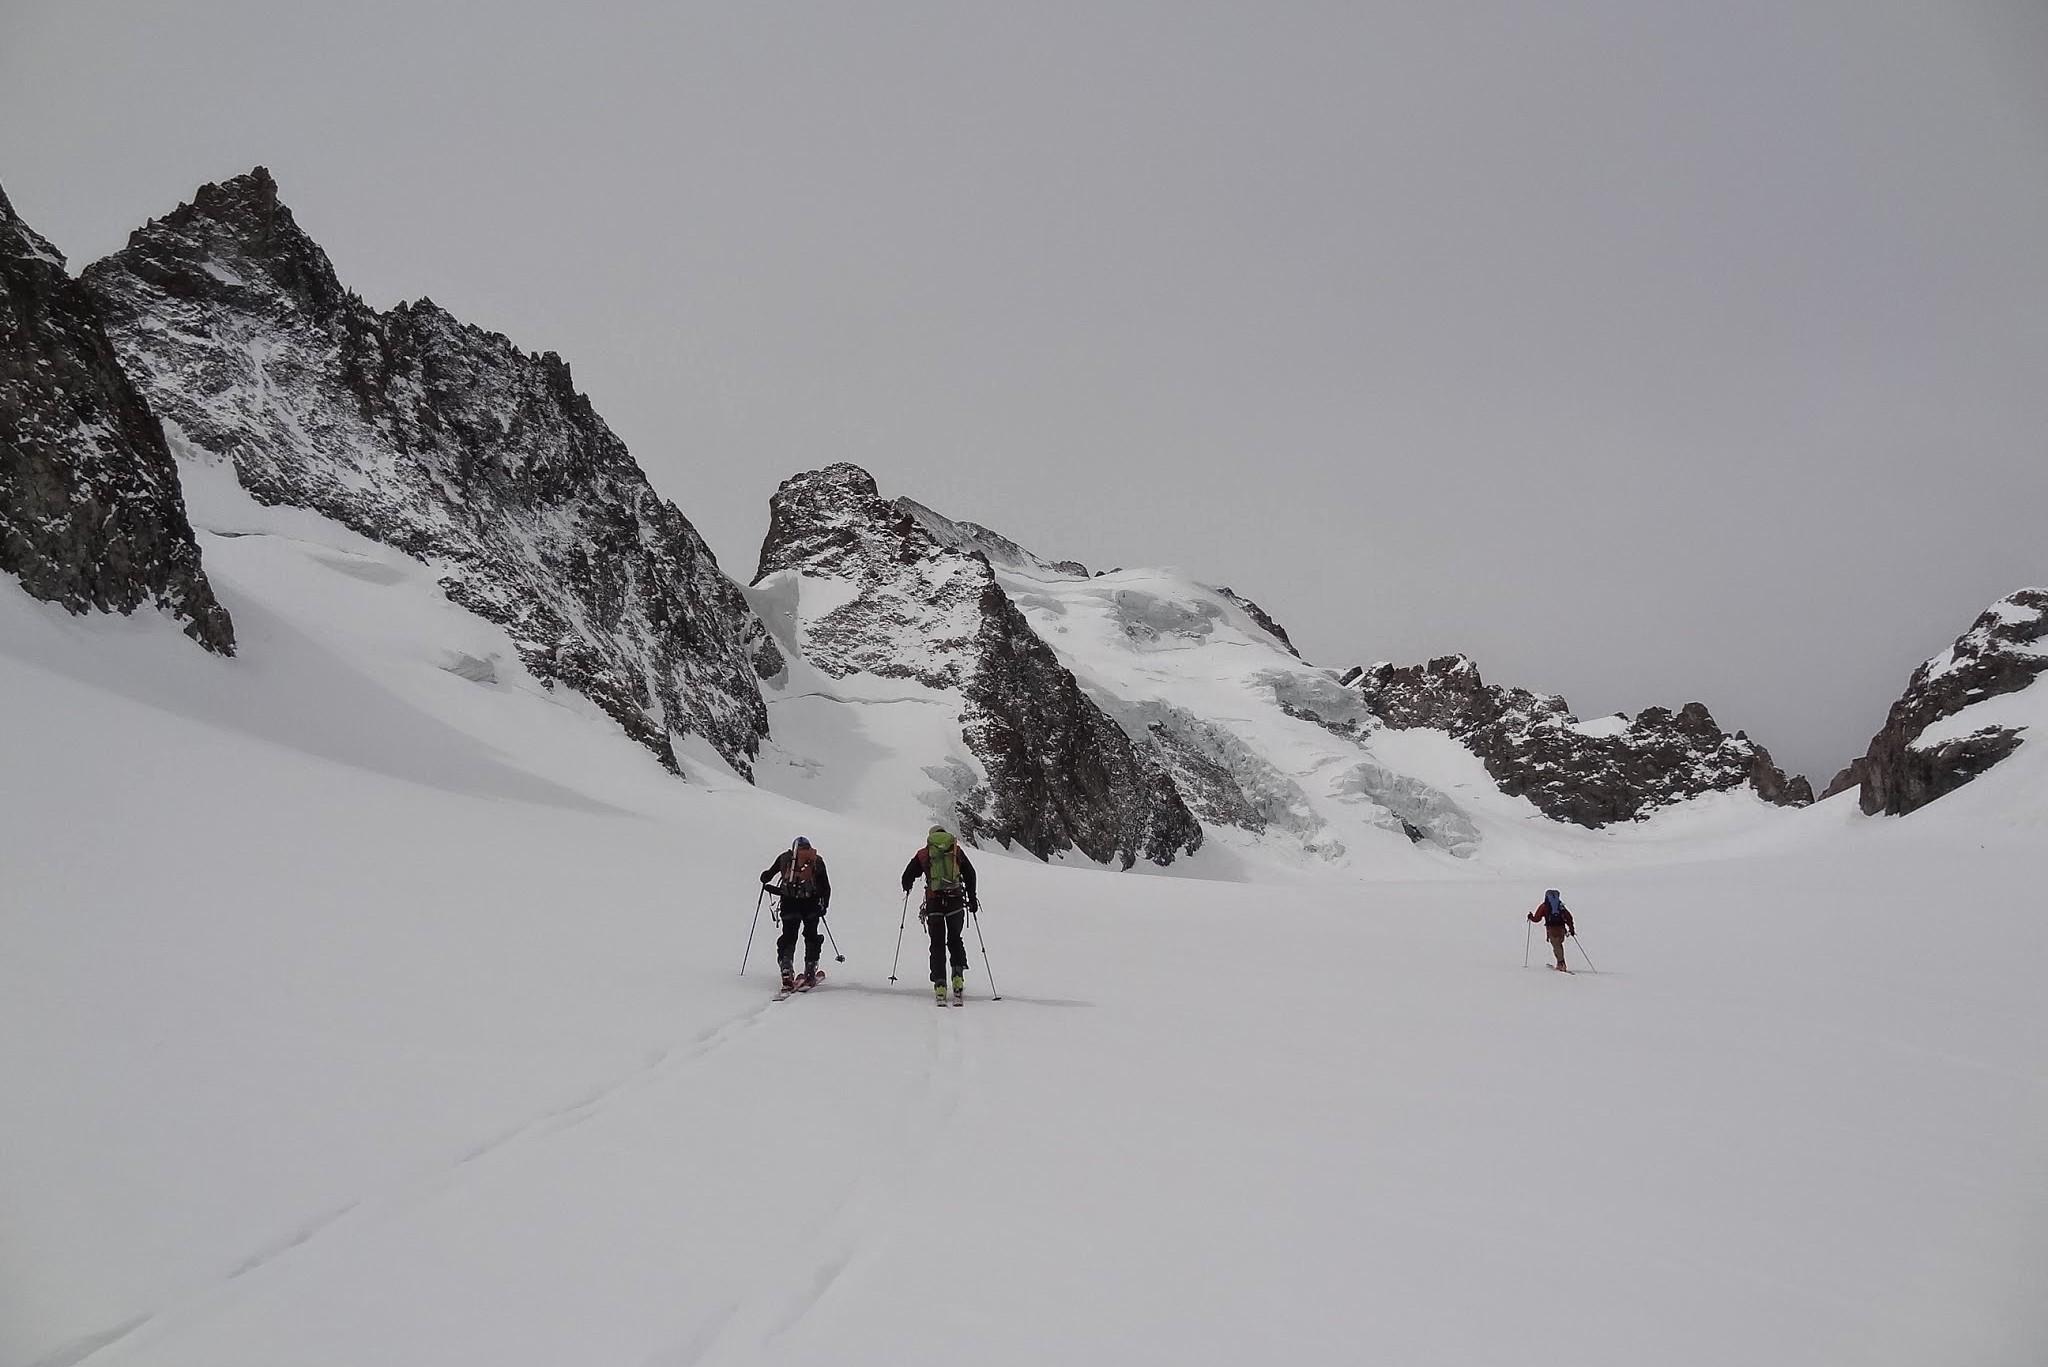 Lapproche en ski de randonnée sur le glacier blanc avant d atteindre le col de la grande sagne.